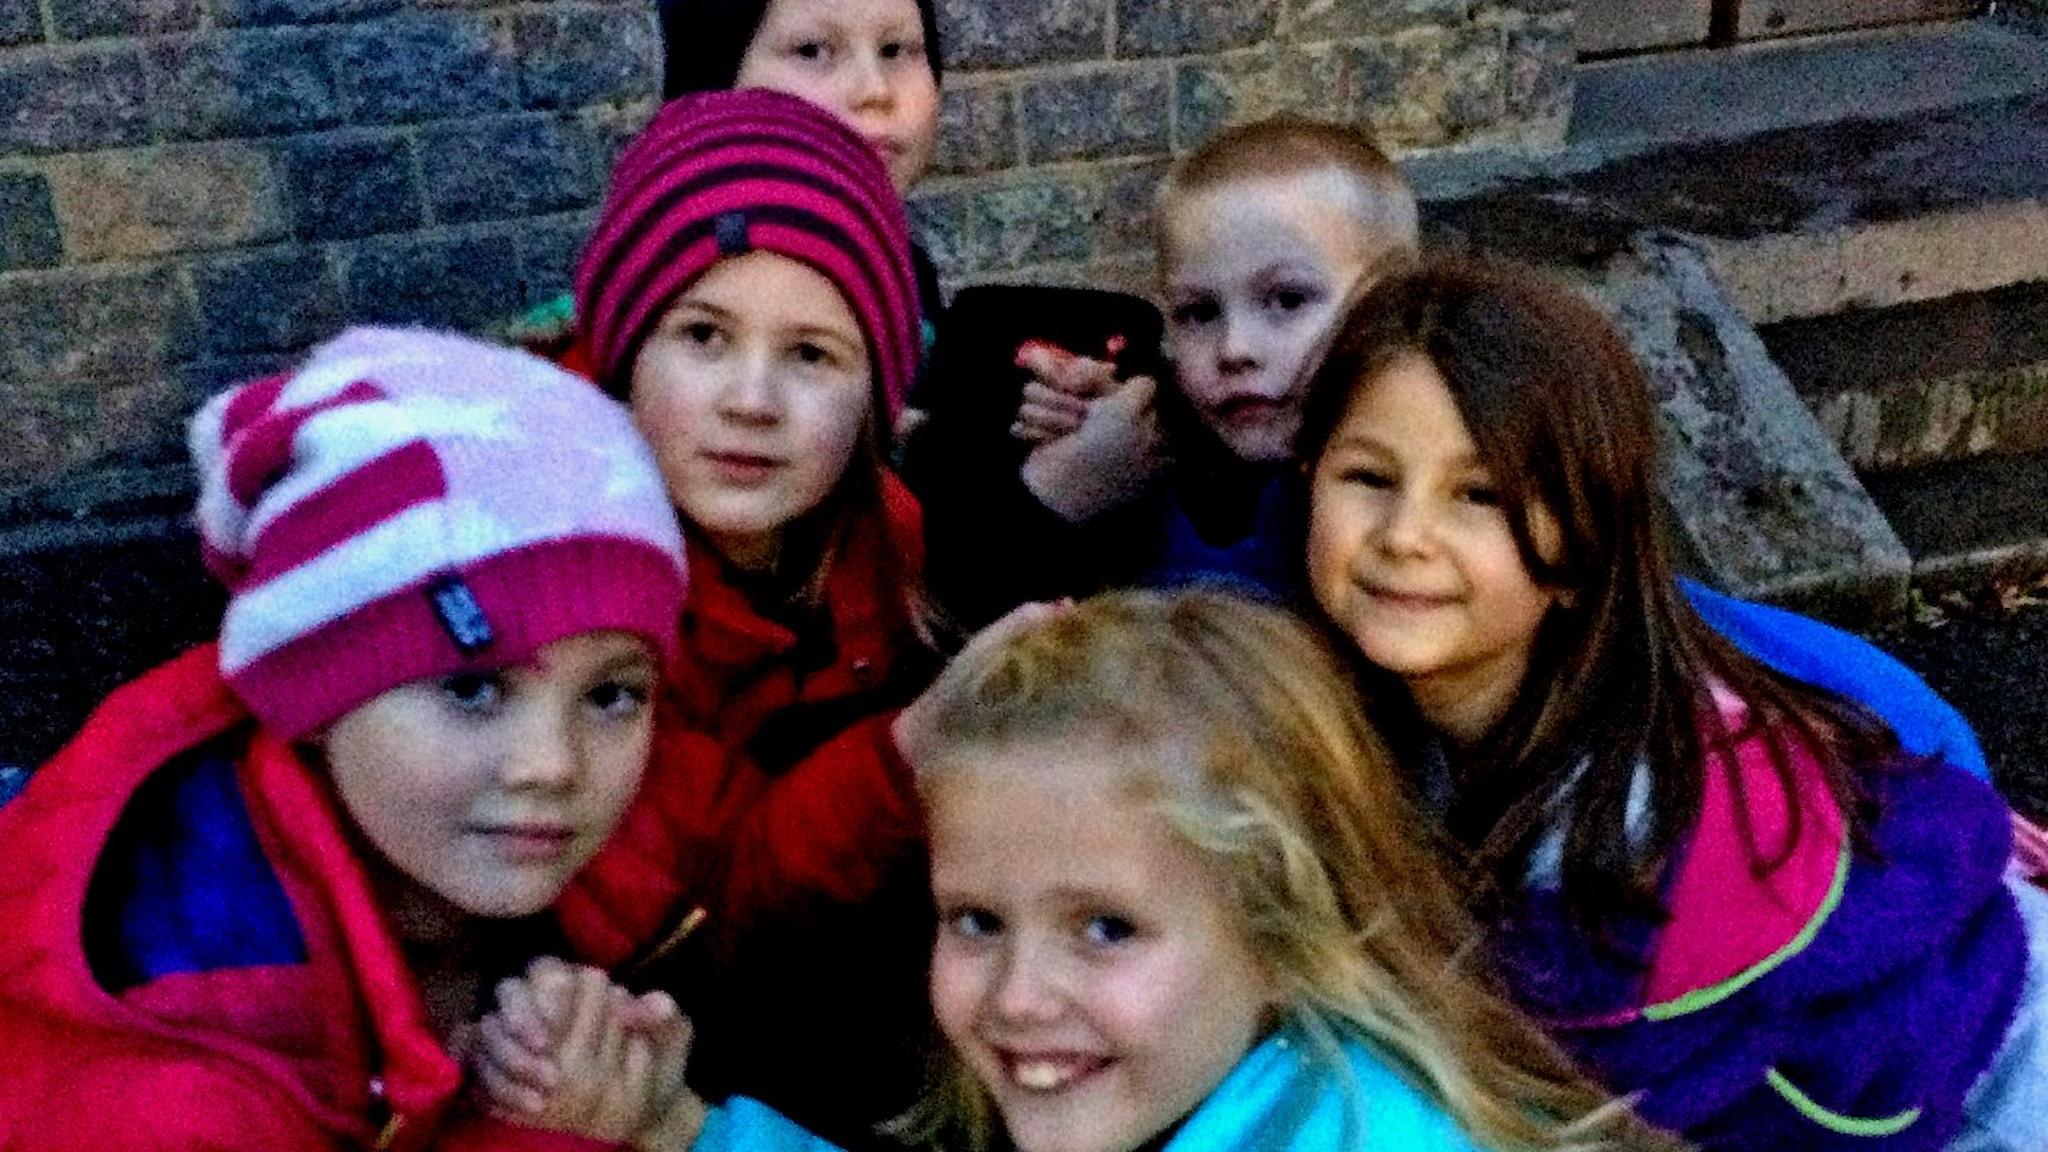 Erkki-koulun lapset vääntävät kättä koulunpihalla.